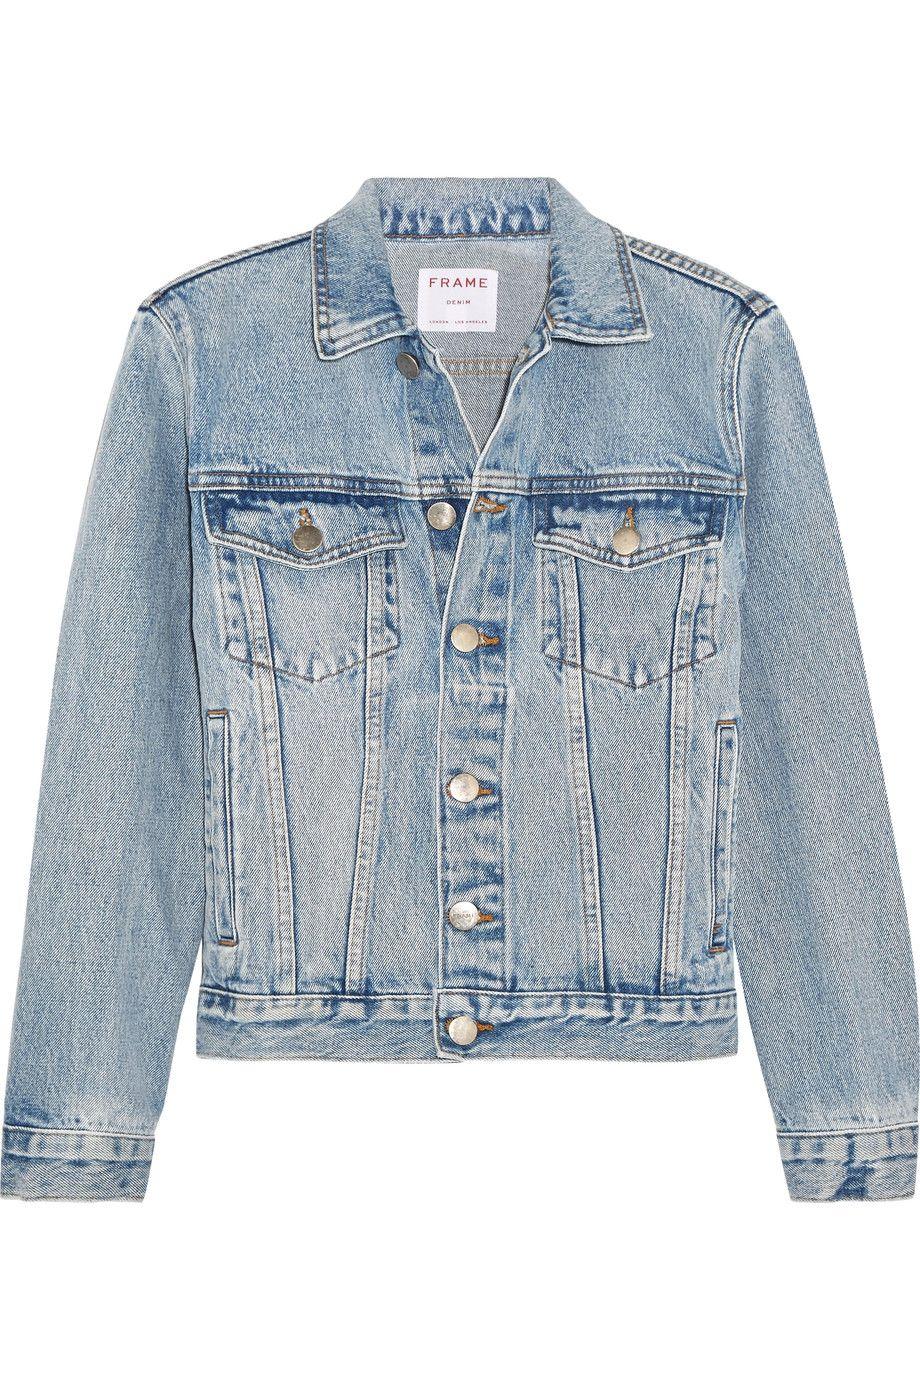 Light Denim Rigid Re Release Denim Jacket Frame Denim Jacket Fitted Jean Jacket Black Maxi Dress Outfit